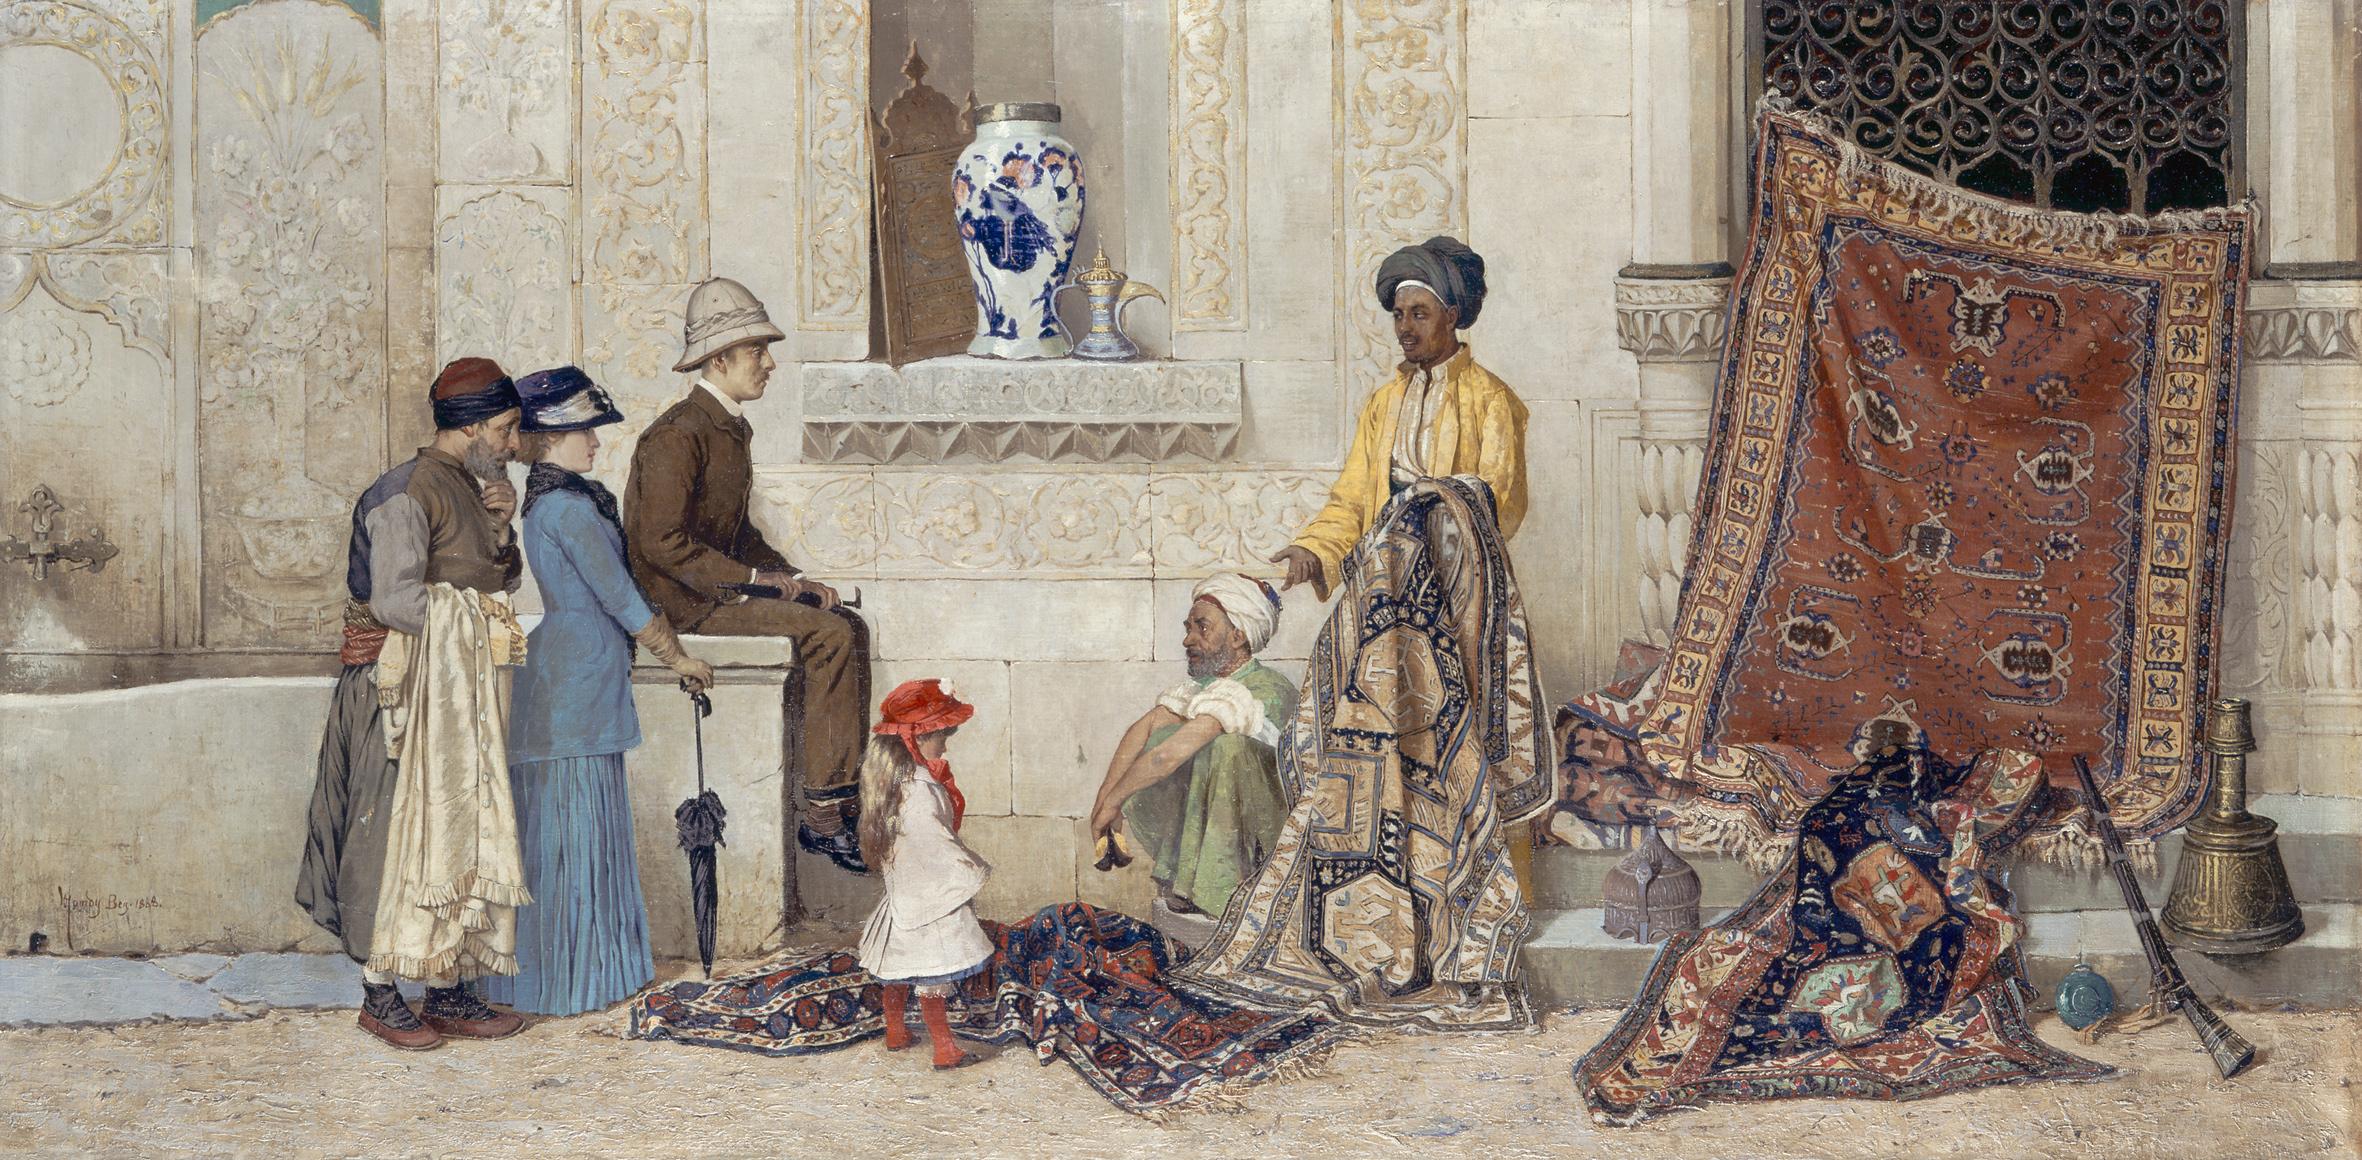 Osman Hamdy Bey Türkische Straßenszene, 1888 Öl auf Leinwand, 60 x 122 cm © Staatliche Museen zu Berlin, Nationalgalerie / Andres Kilger